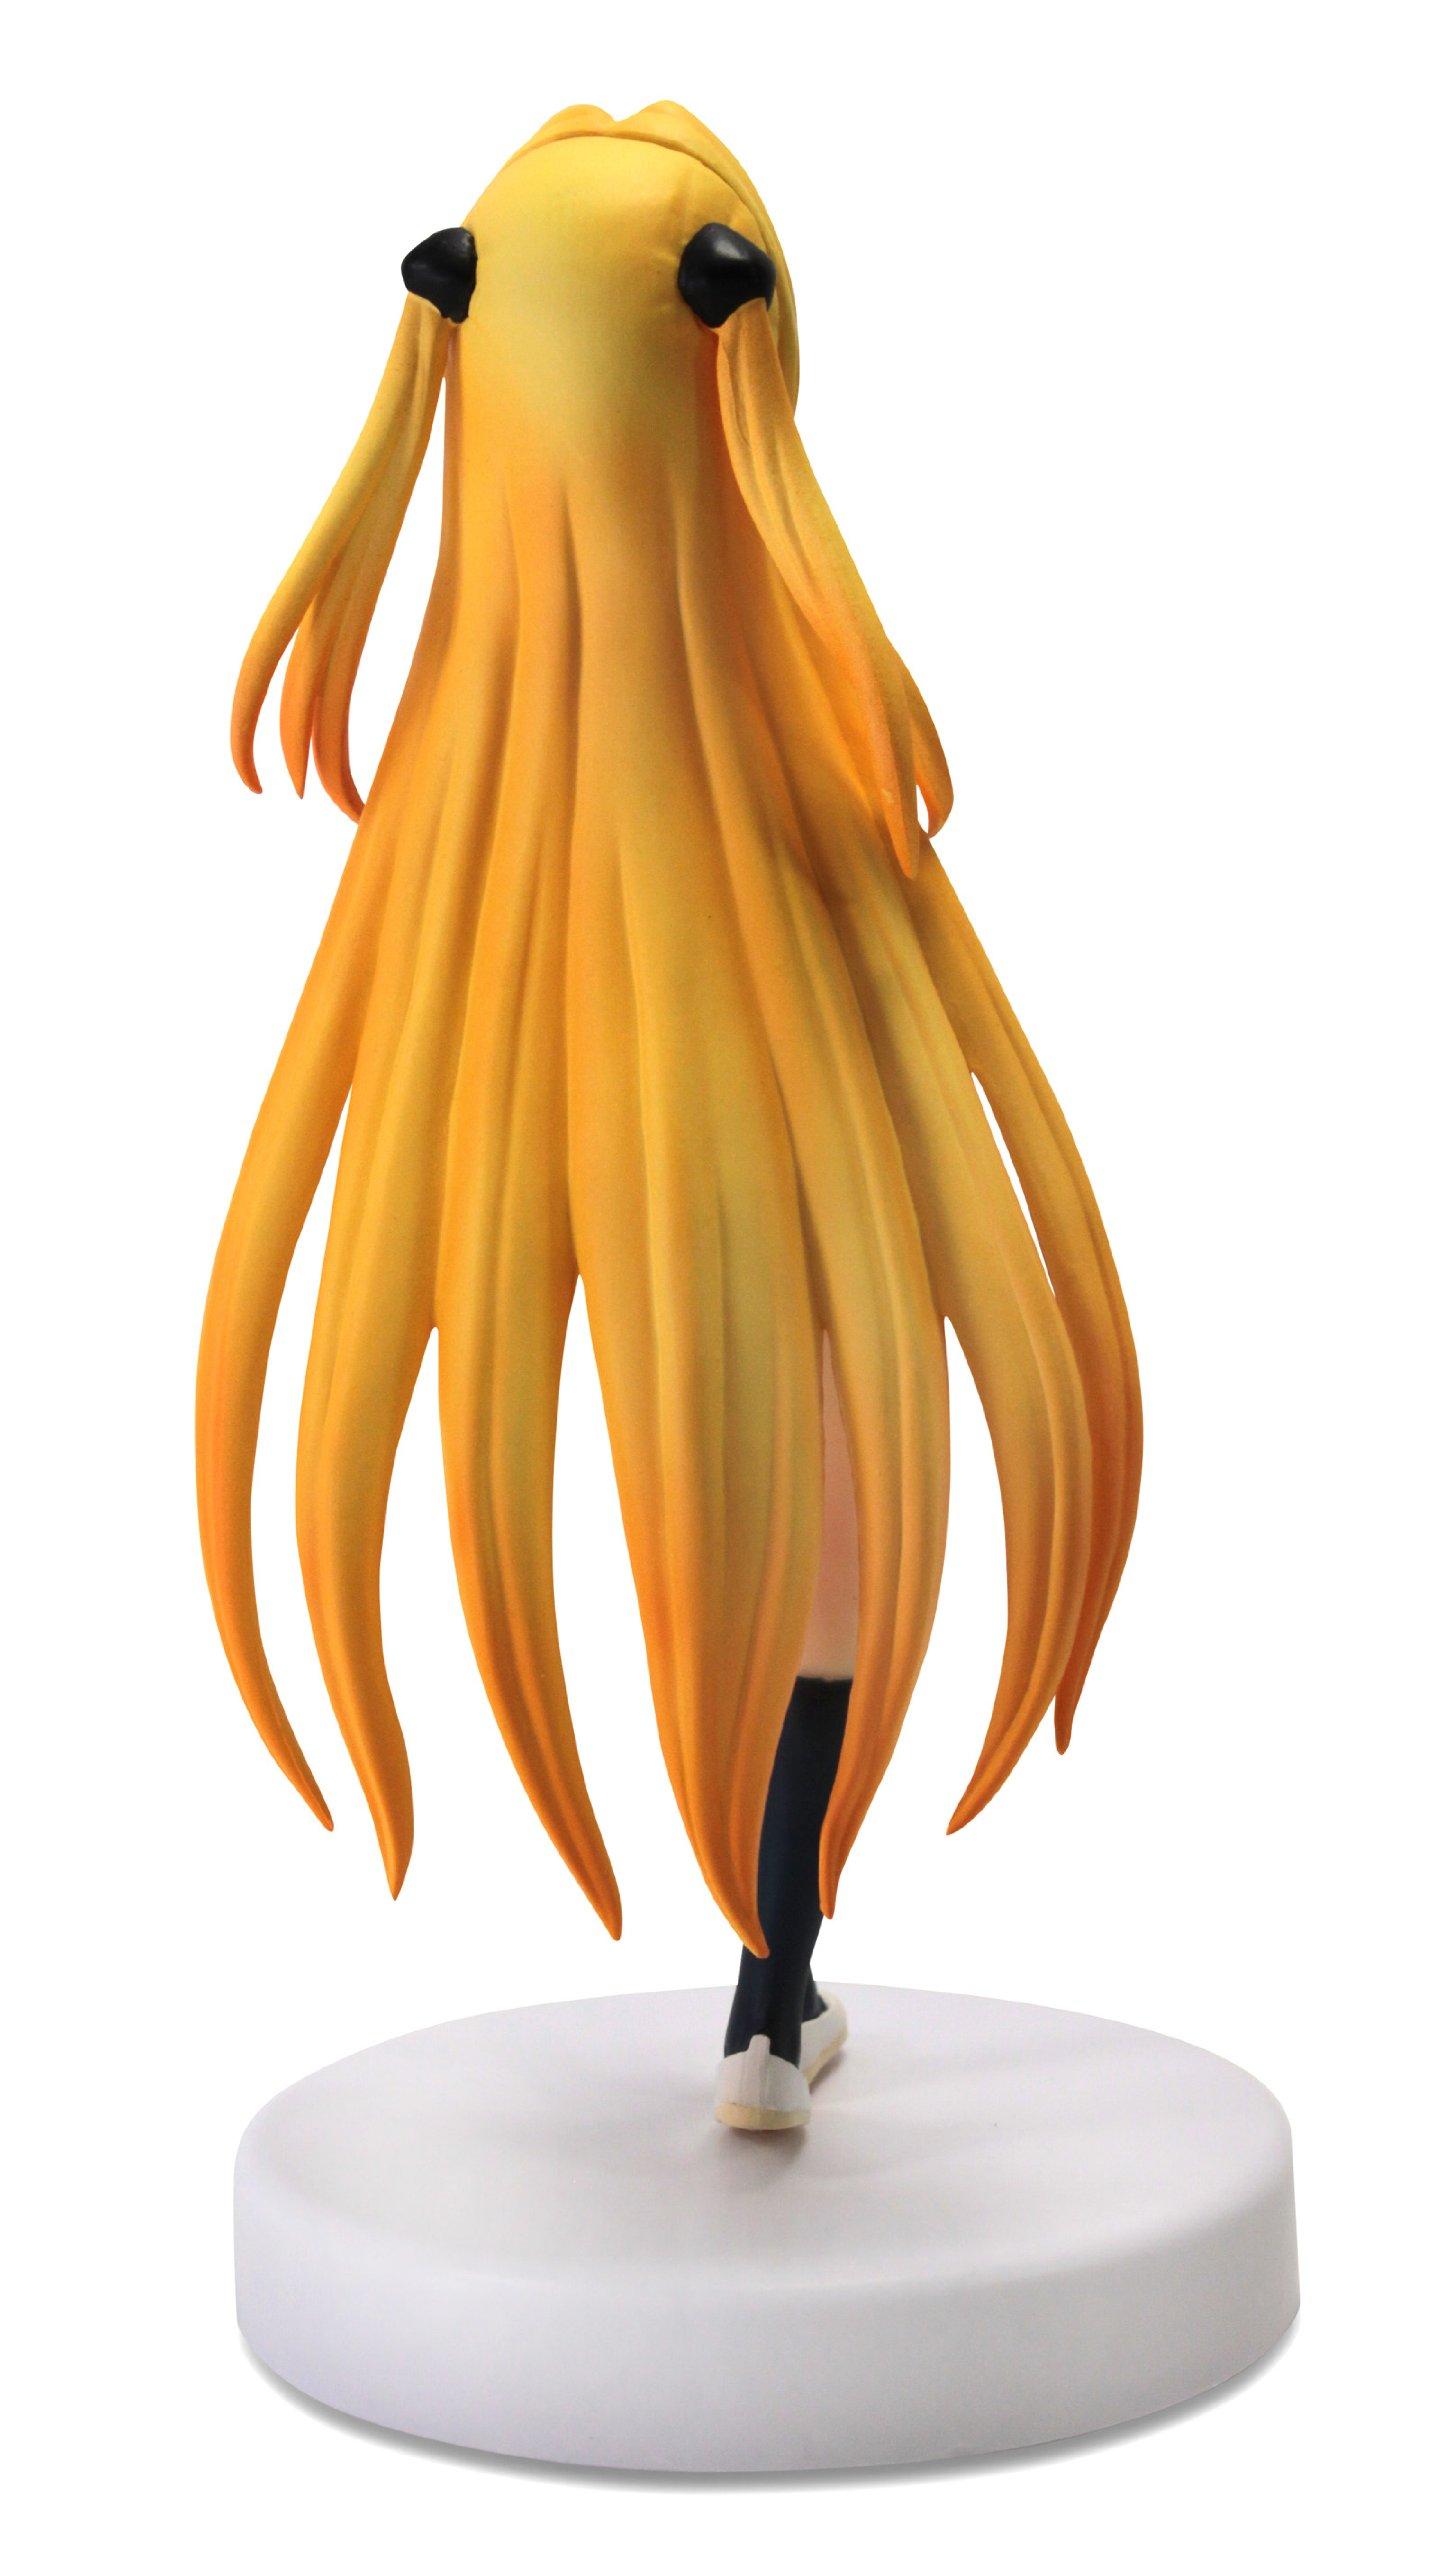 Furyu To Love RU Darkness 3 Gym 6 Golden Darkness Yami Uniform Figure Japan VideoGames FG-658715